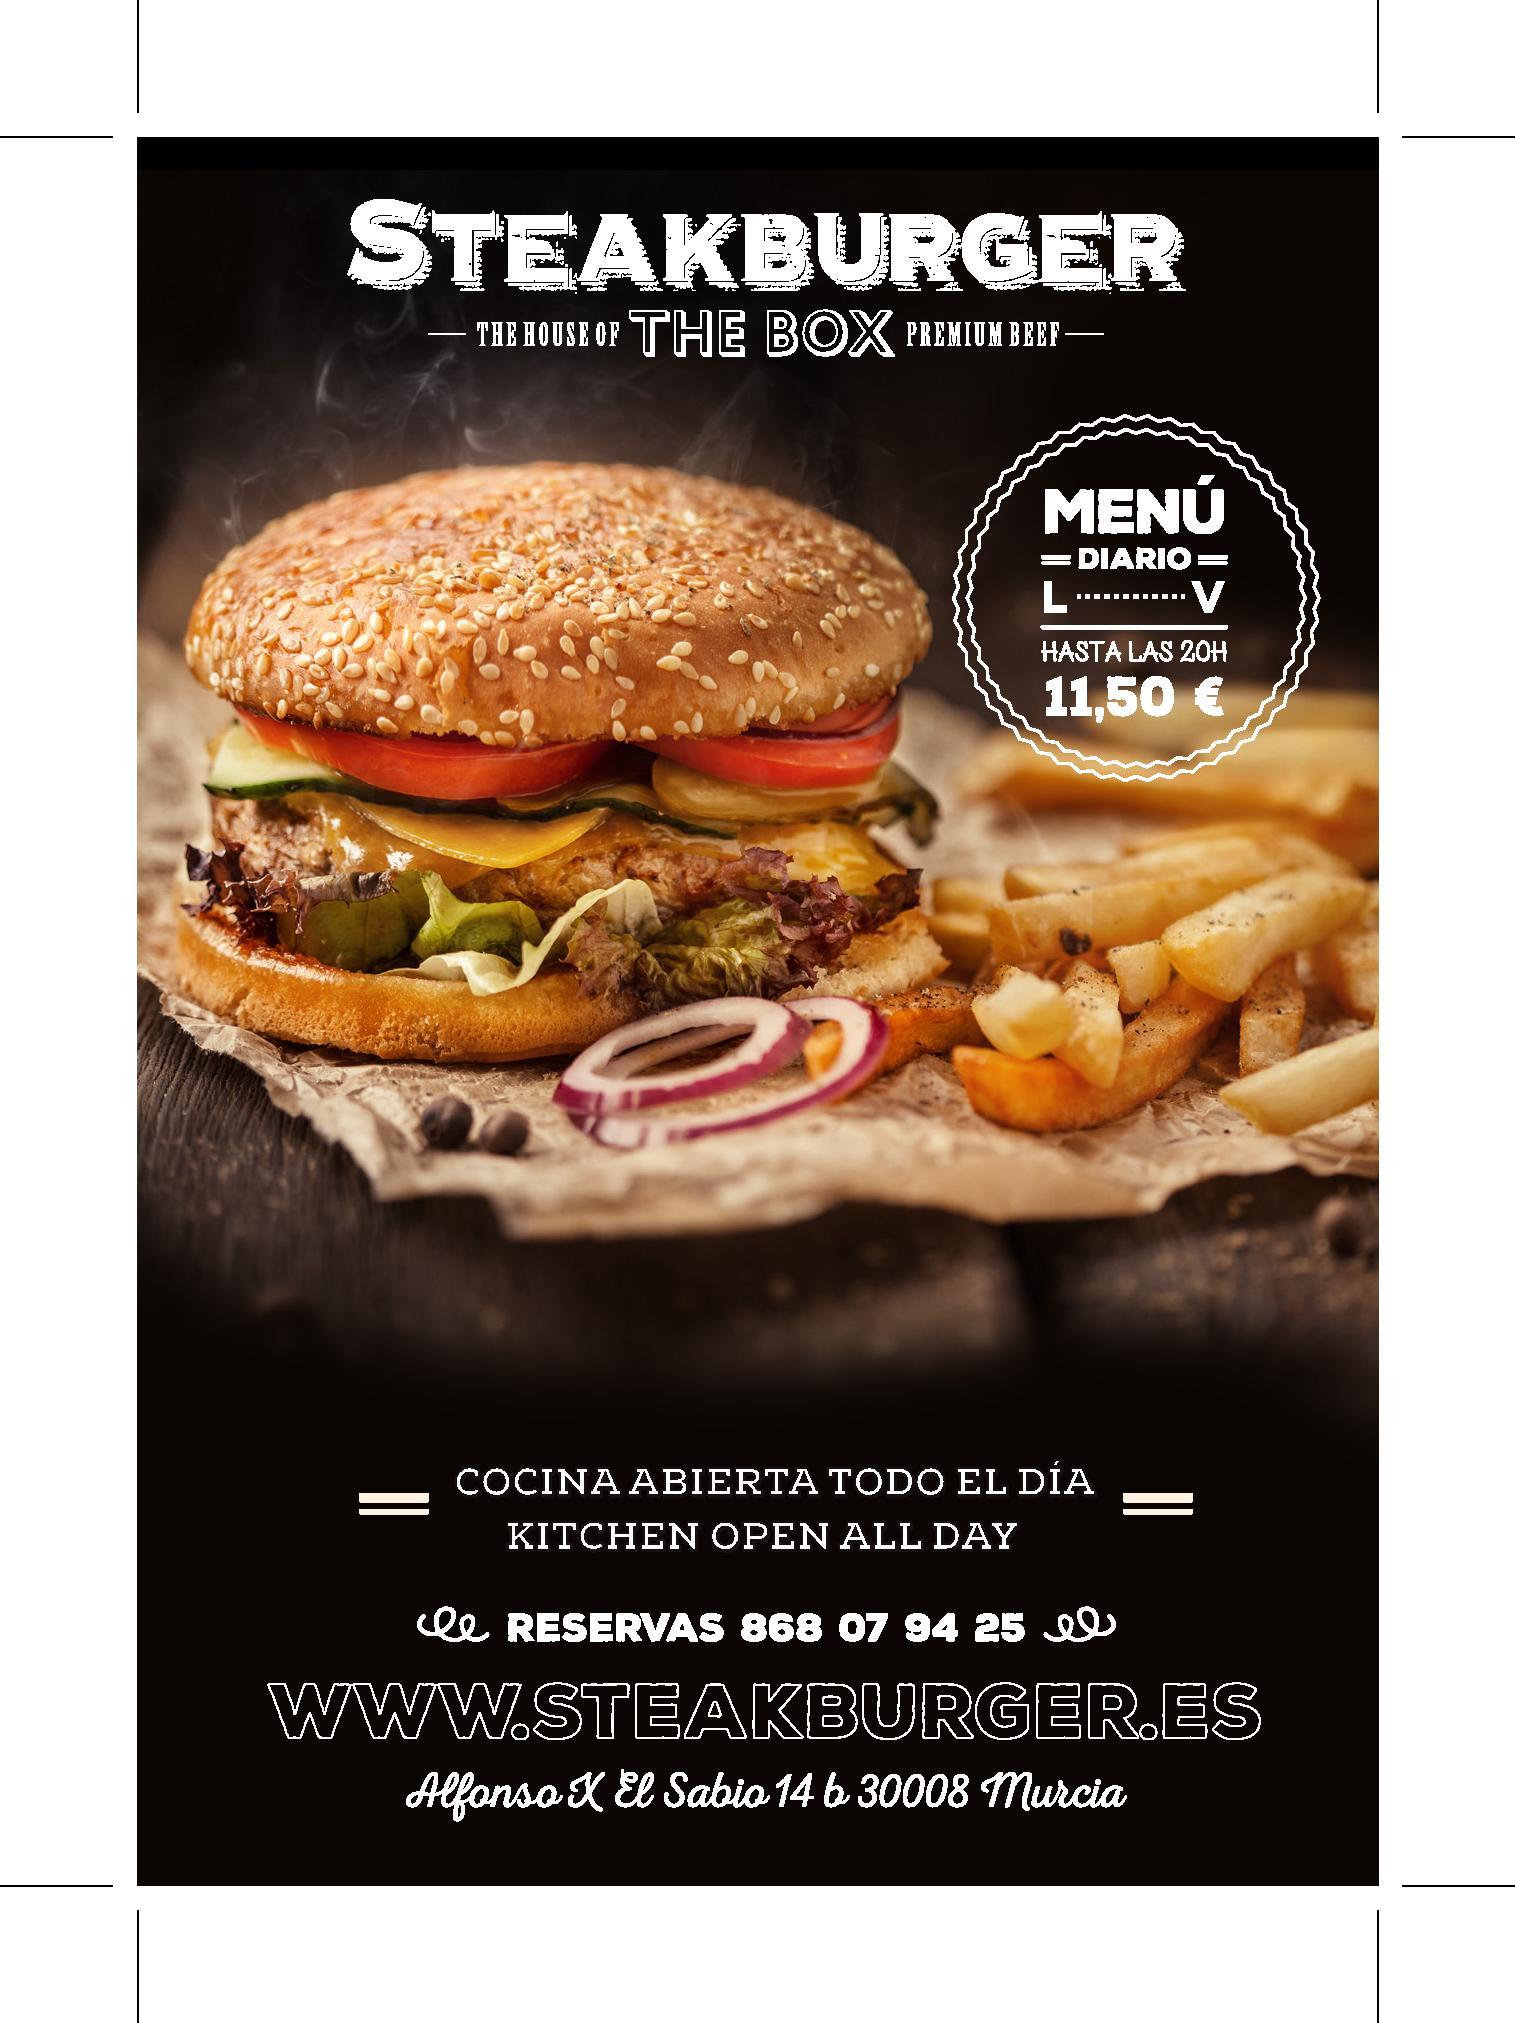 steak burger menu1